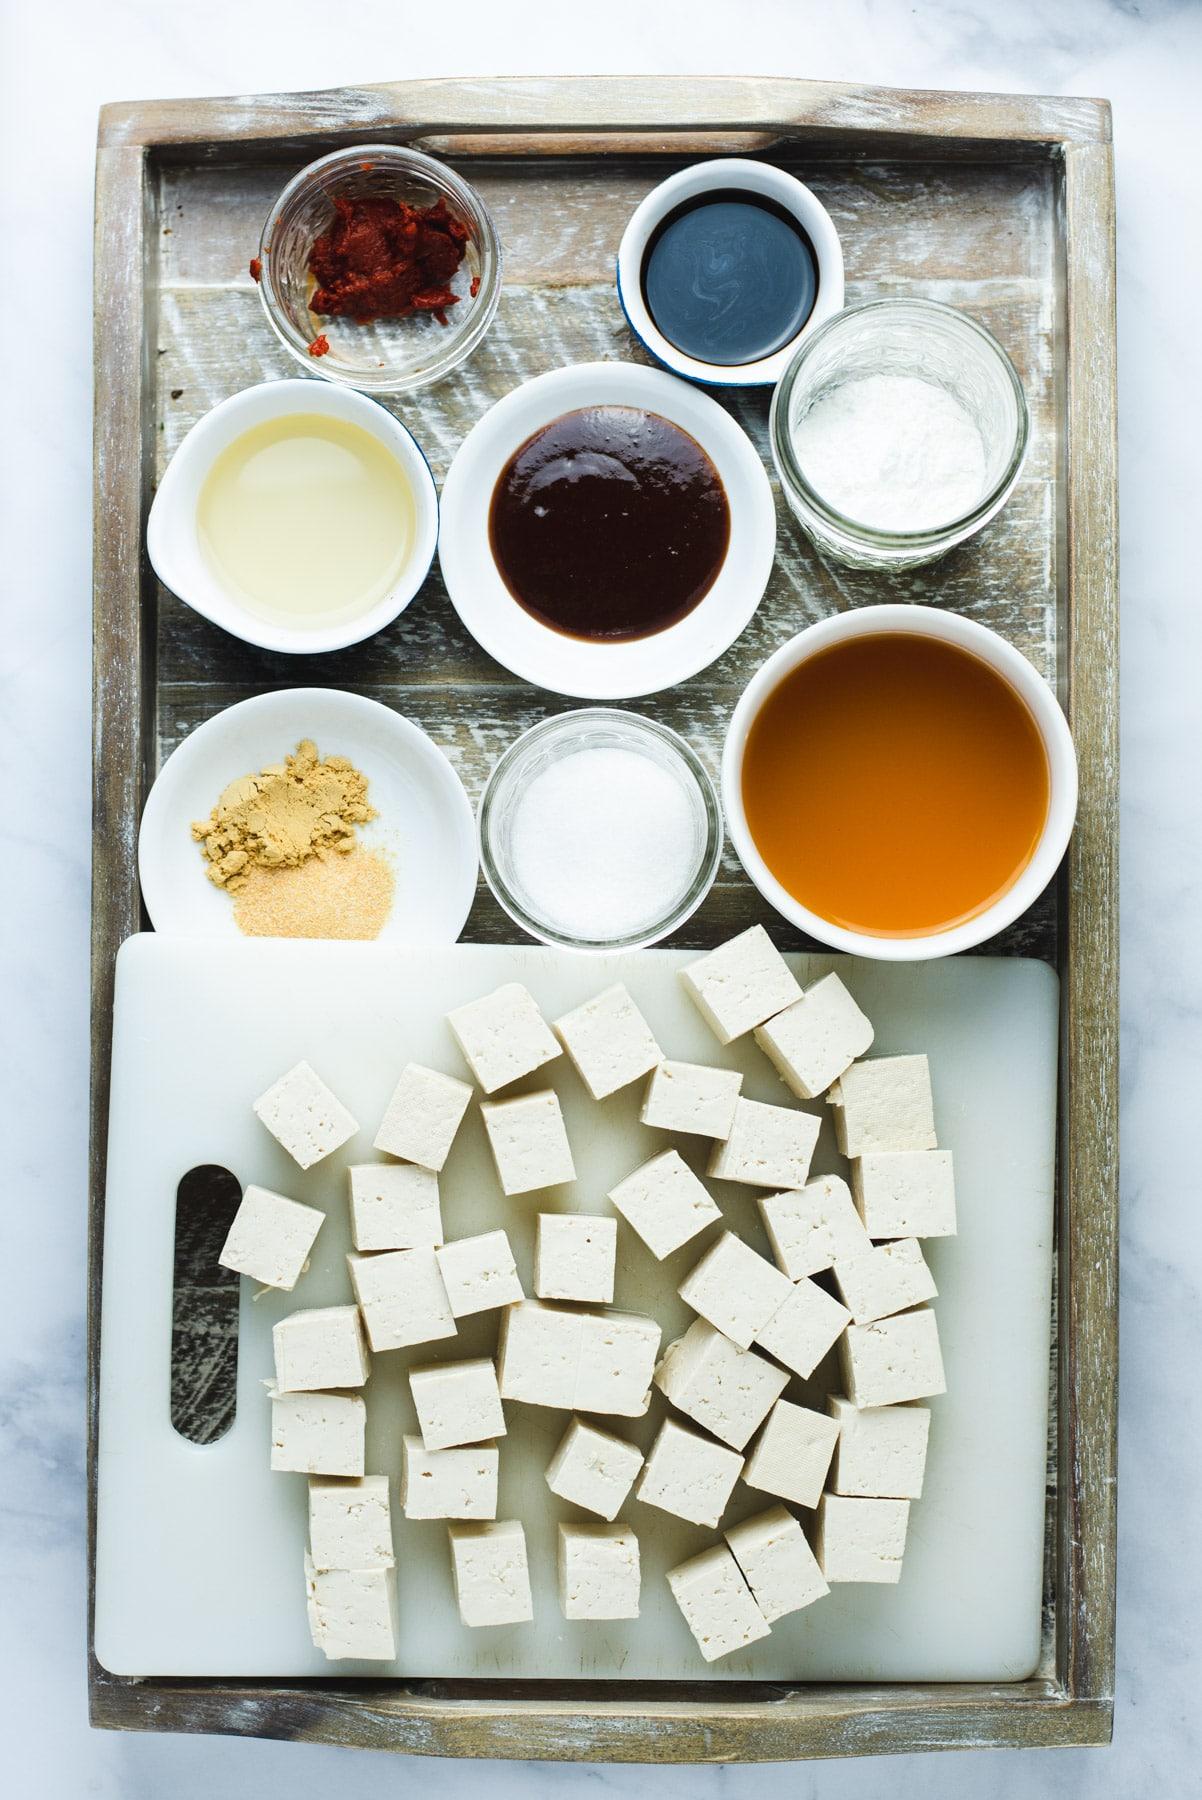 Ingredients used to make general tso tofu